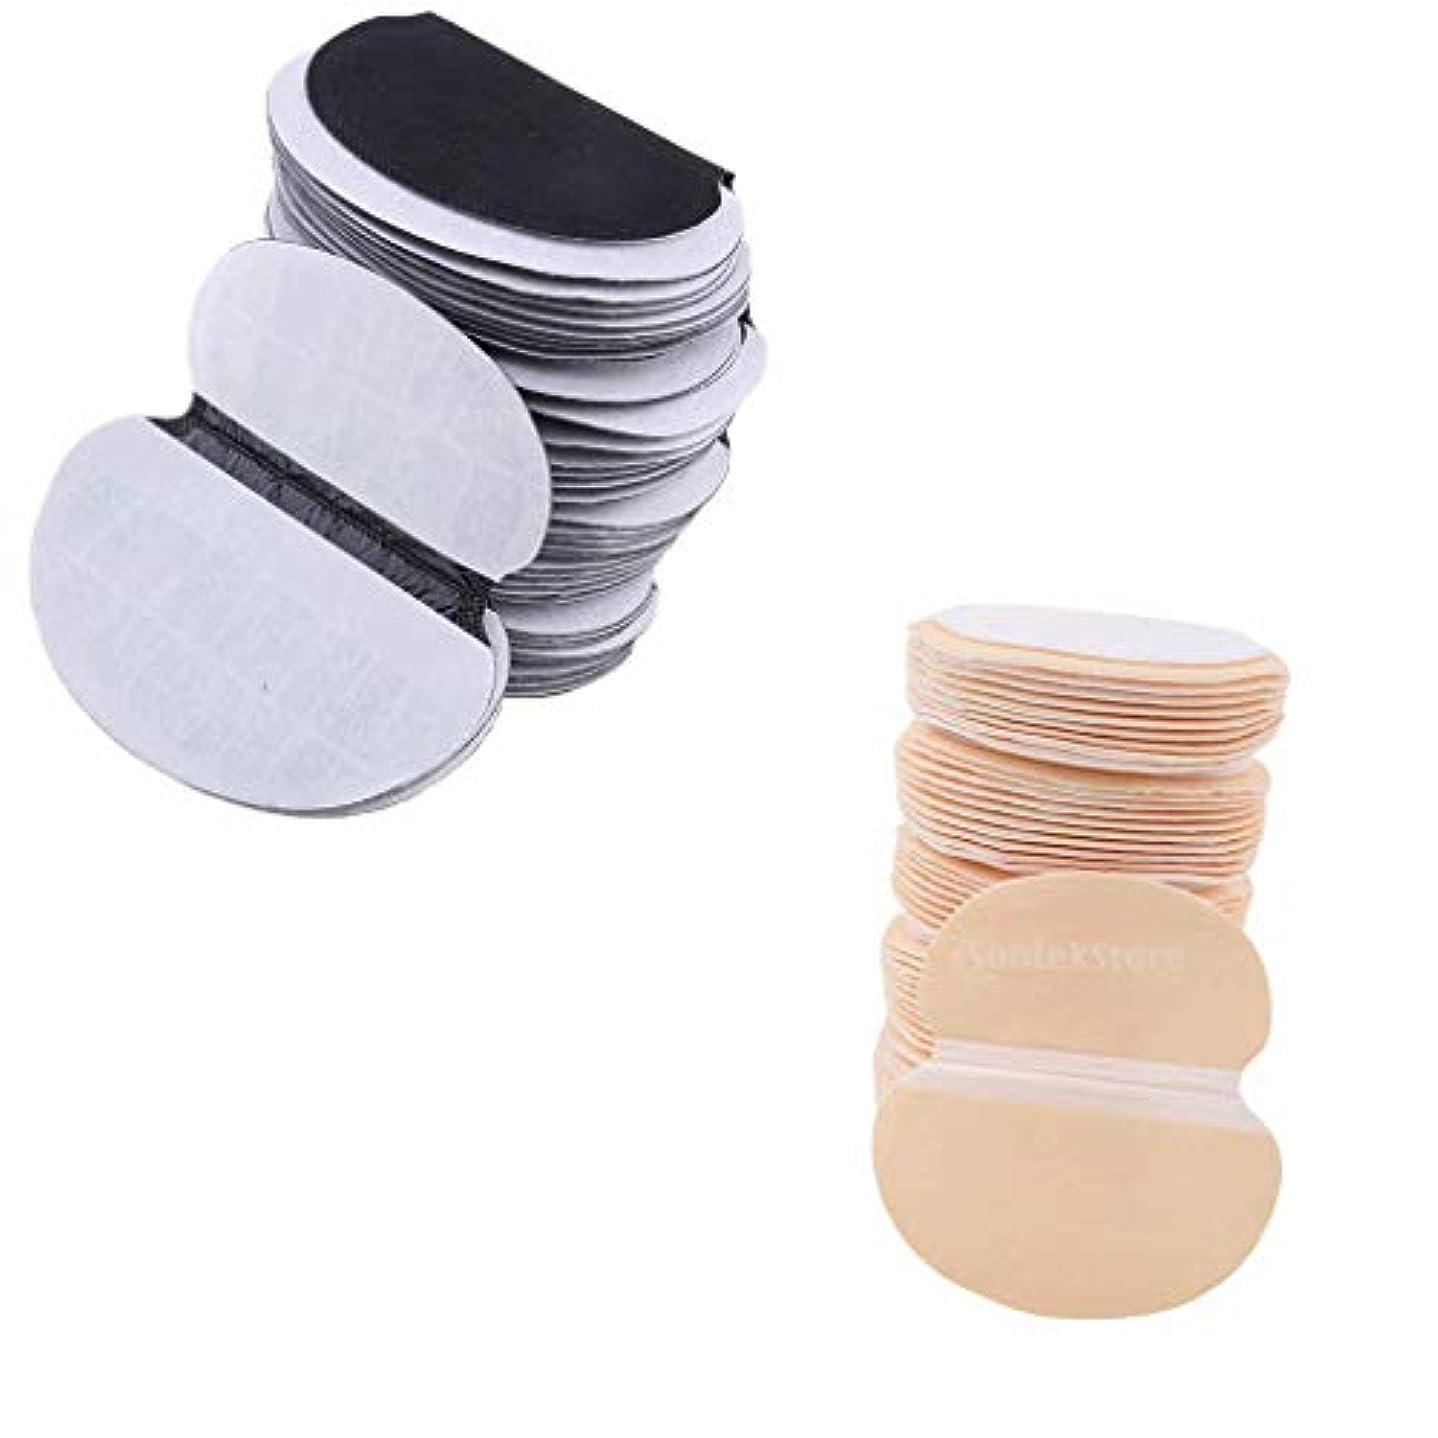 刃バケツ論理的約100枚 汗取りパッド 脇汗対策 わき汗パット 汚れ防止 使い捨て 乾燥保持